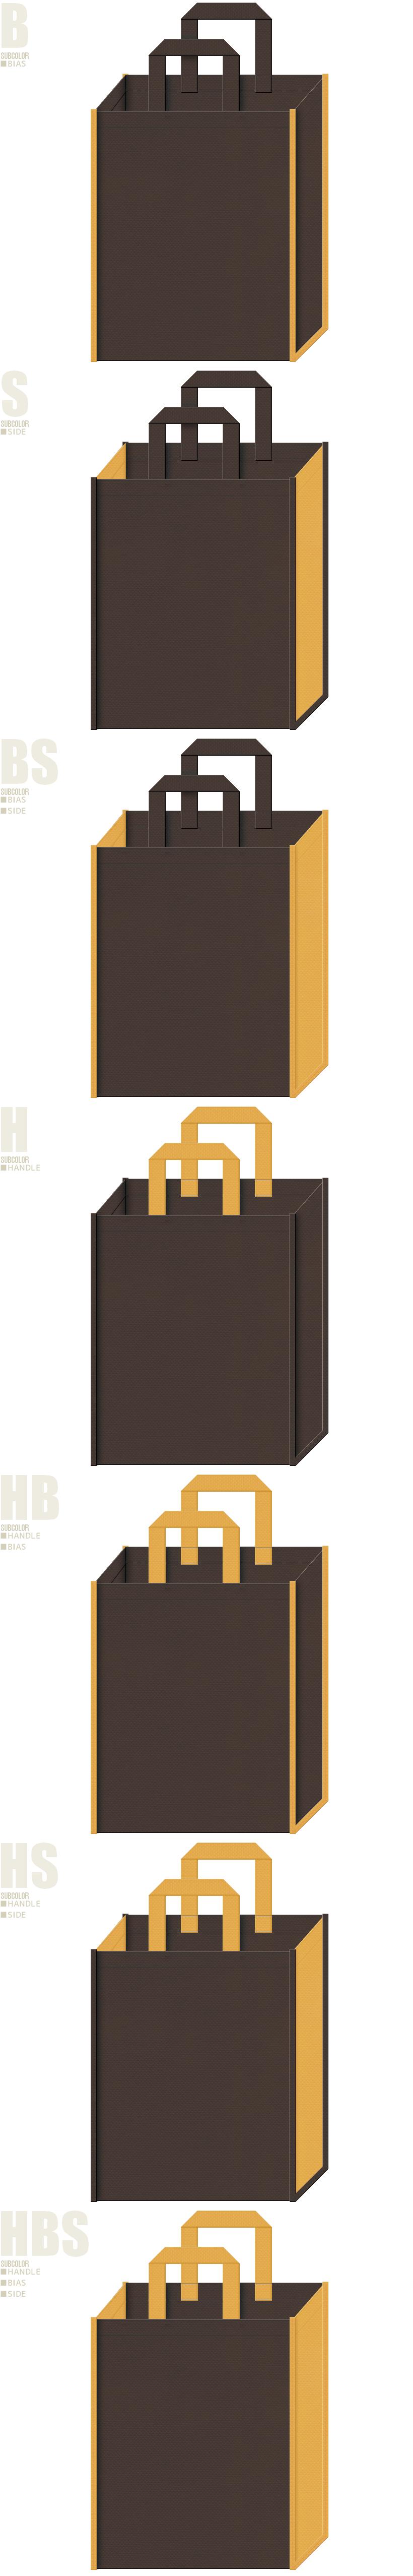 フライヤー・ドーナツ・カフェ・レストラン・石窯パン・チョコクッキー・サブレ・スイーツ・和菓子・ベーカリー・西部劇・ウィスキー・工作教室・DIY・木製インテリア・木製玩具・木製食器・住宅展示場にお奨めの不織布バッグデザイン:こげ茶色と黄土色の配色7パターン